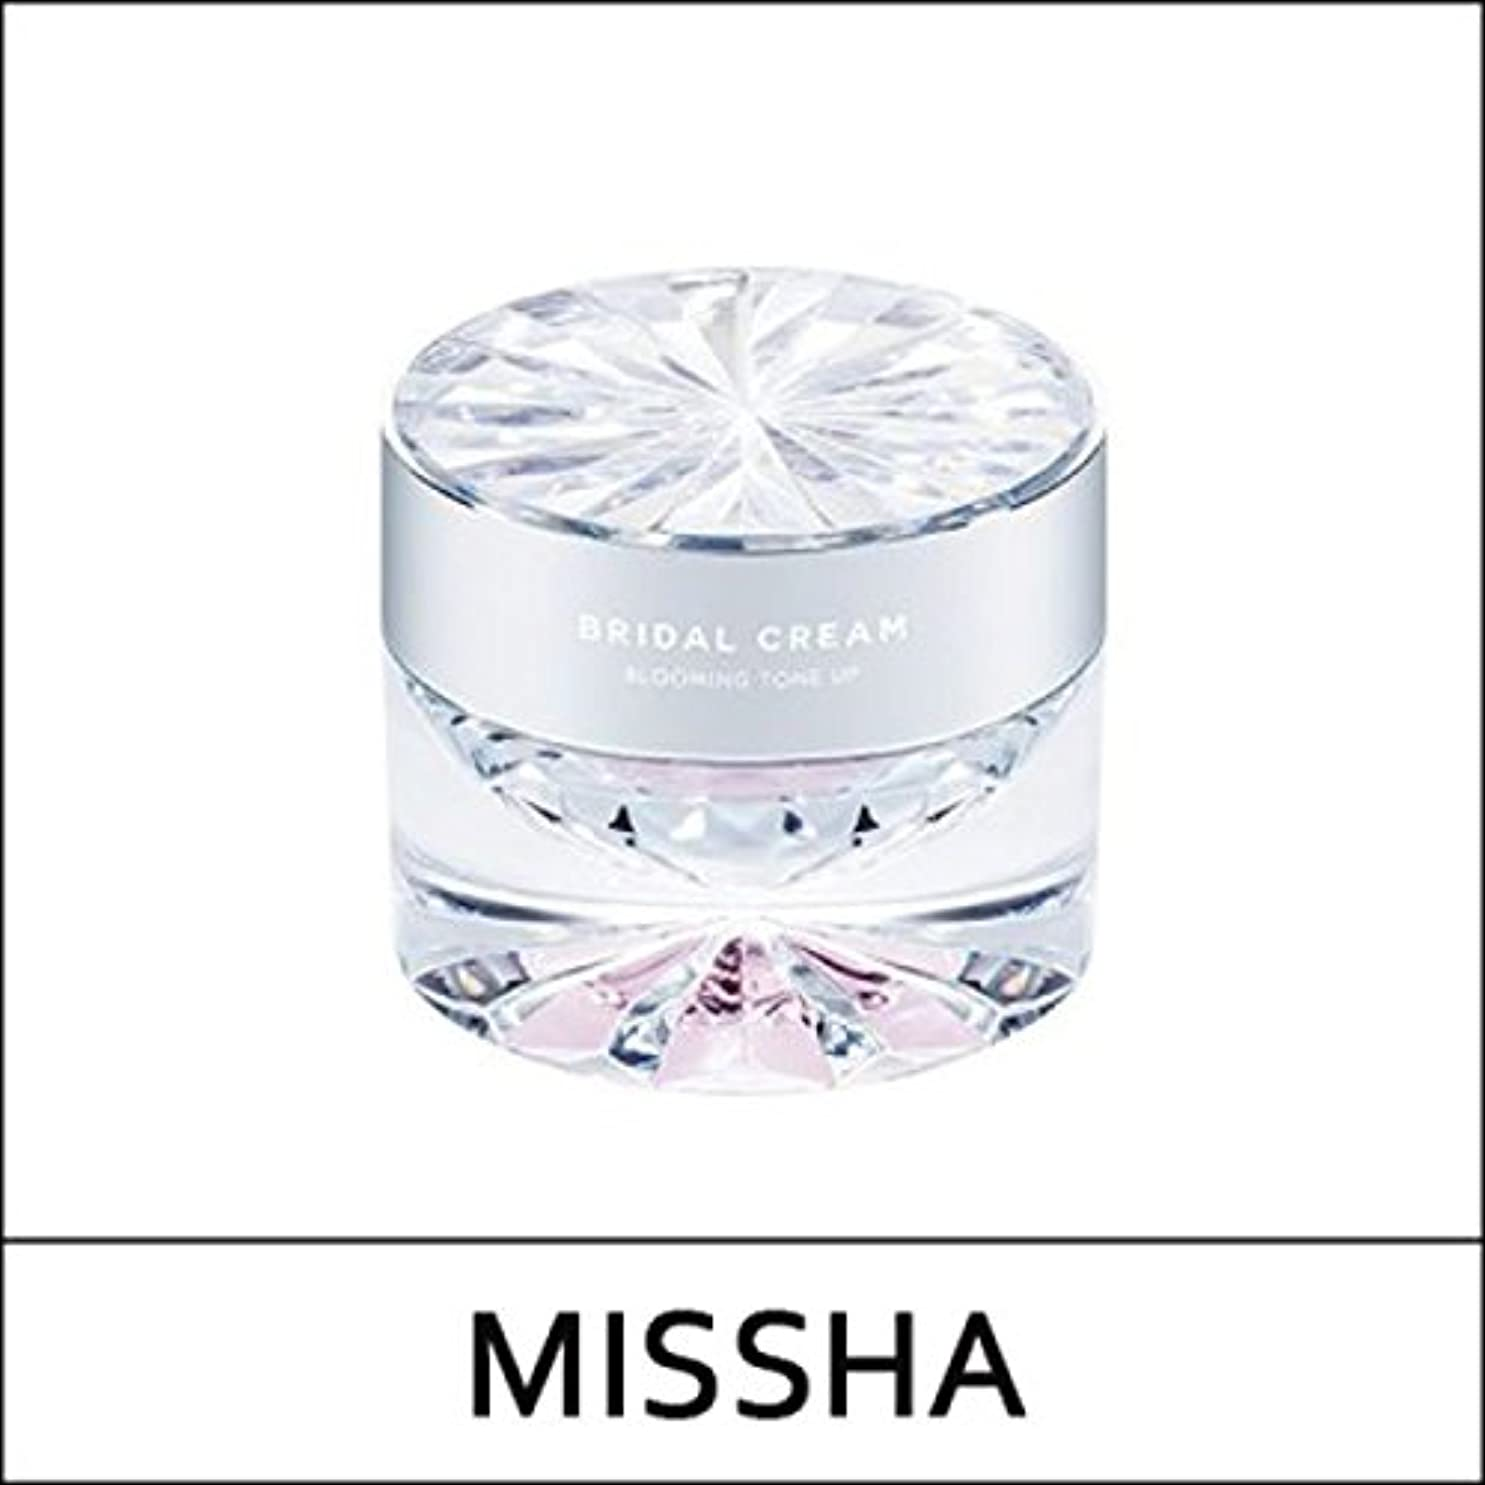 シネウィアイロニースペア[Missha] ミシャ タイムレボリューション ブライダルクリーム 50ml( Time Revolution Bridal Cream 50ml Blooming Tone Up)